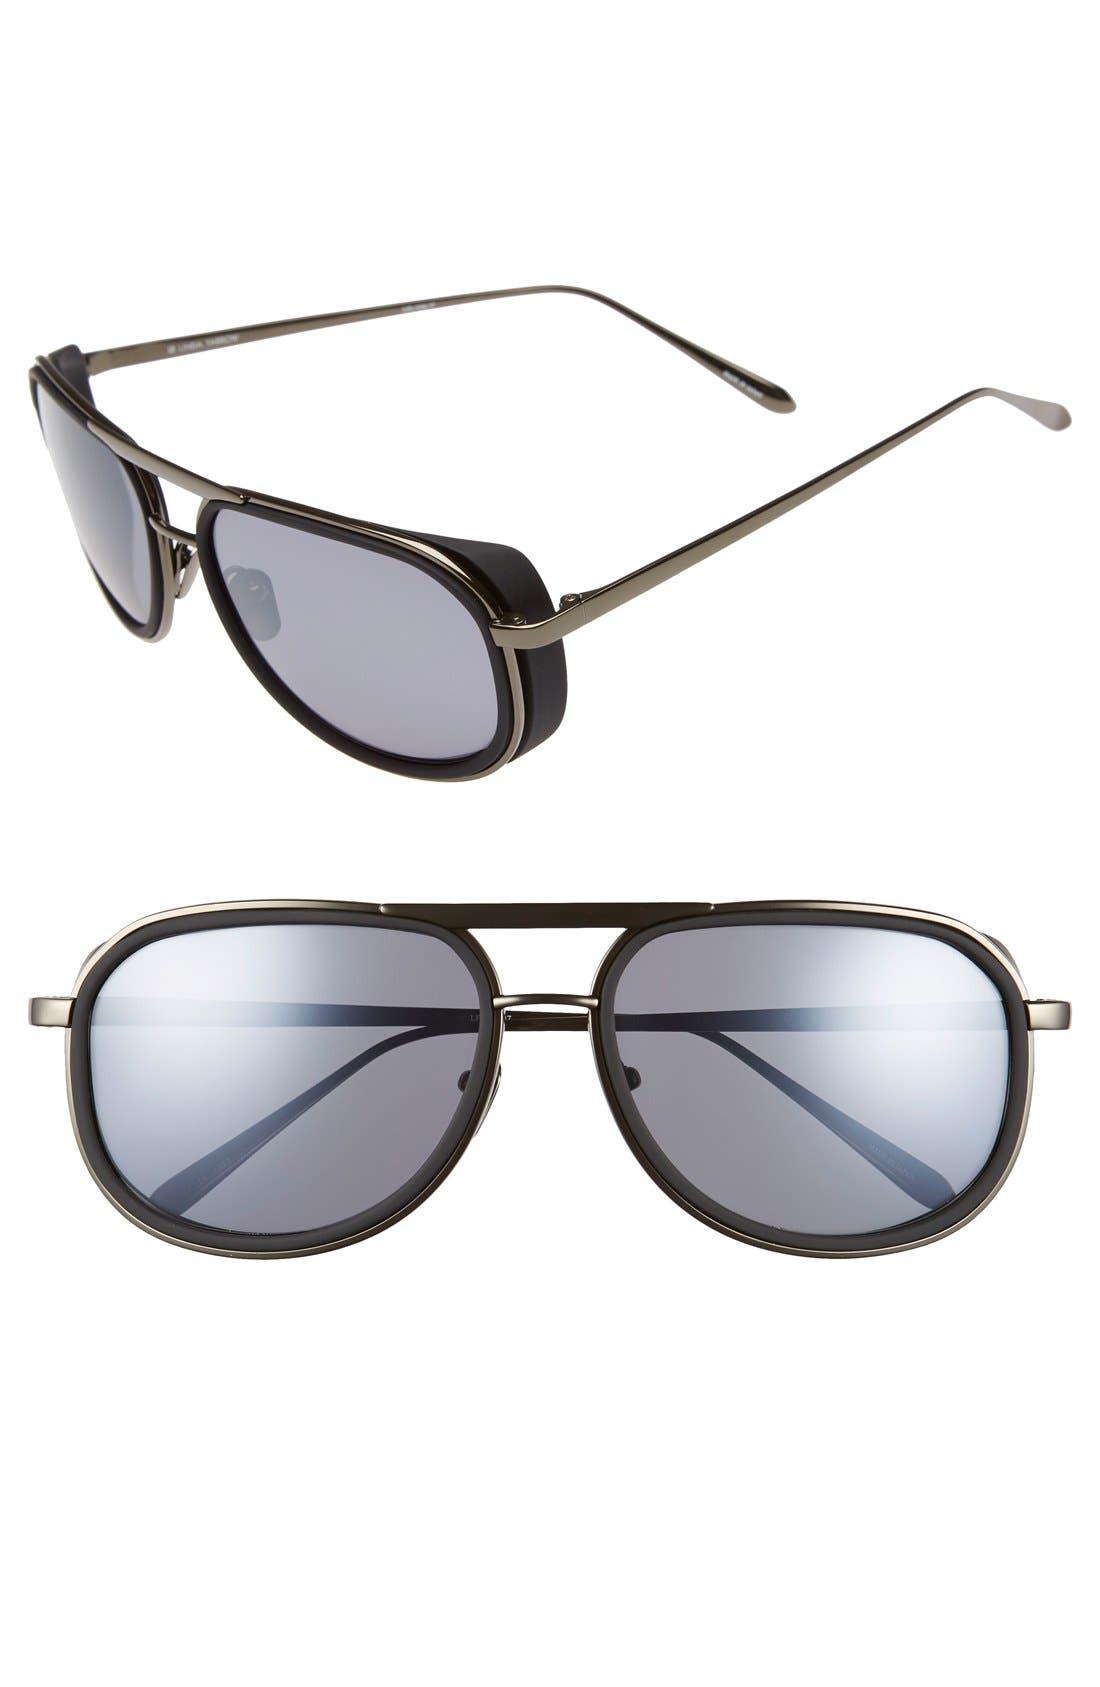 58mm Sunglasses,                         Main,                         color, Black/ Matte Silver